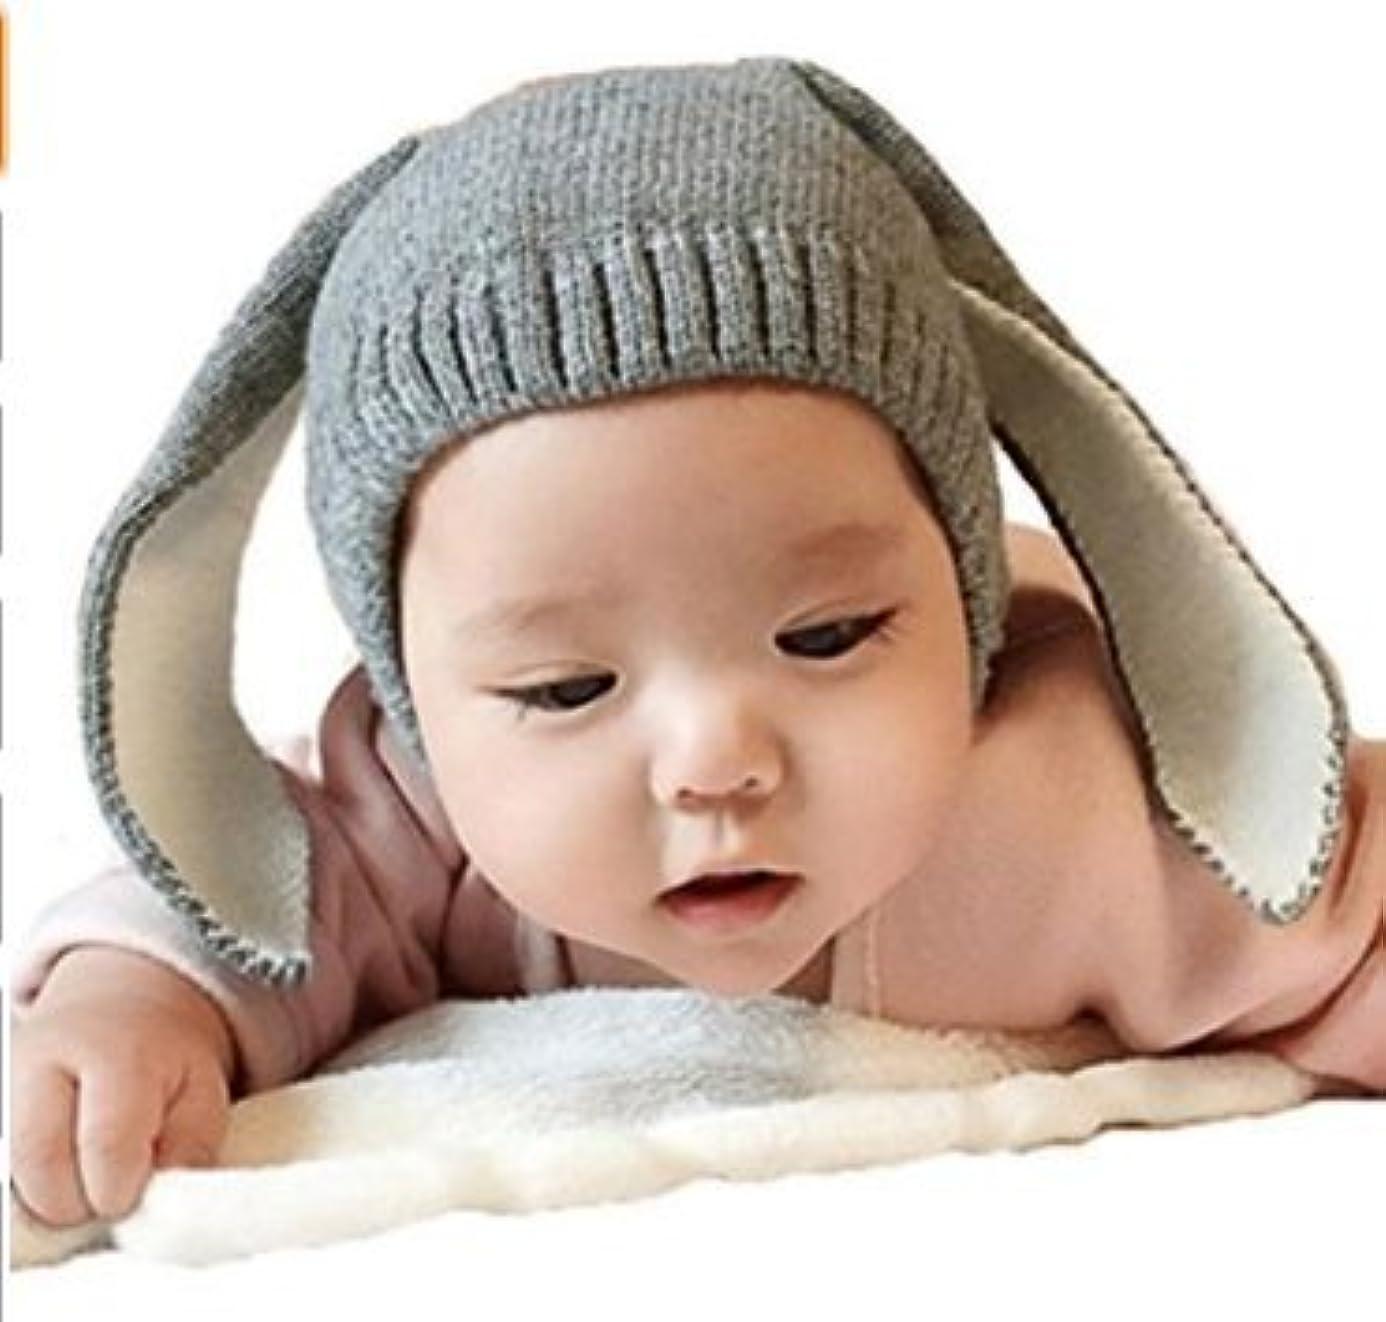 道を作るランダム残酷K+Mee ベビー キッズ 子供 男の子 女の子 ニット帽子 マフラー 防寒 柔らか 春秋冬 お出かけ 遊び かわいい おしゃれ 誕生日 出産祝い 記念写真 プレゼント 10タイプ選べる